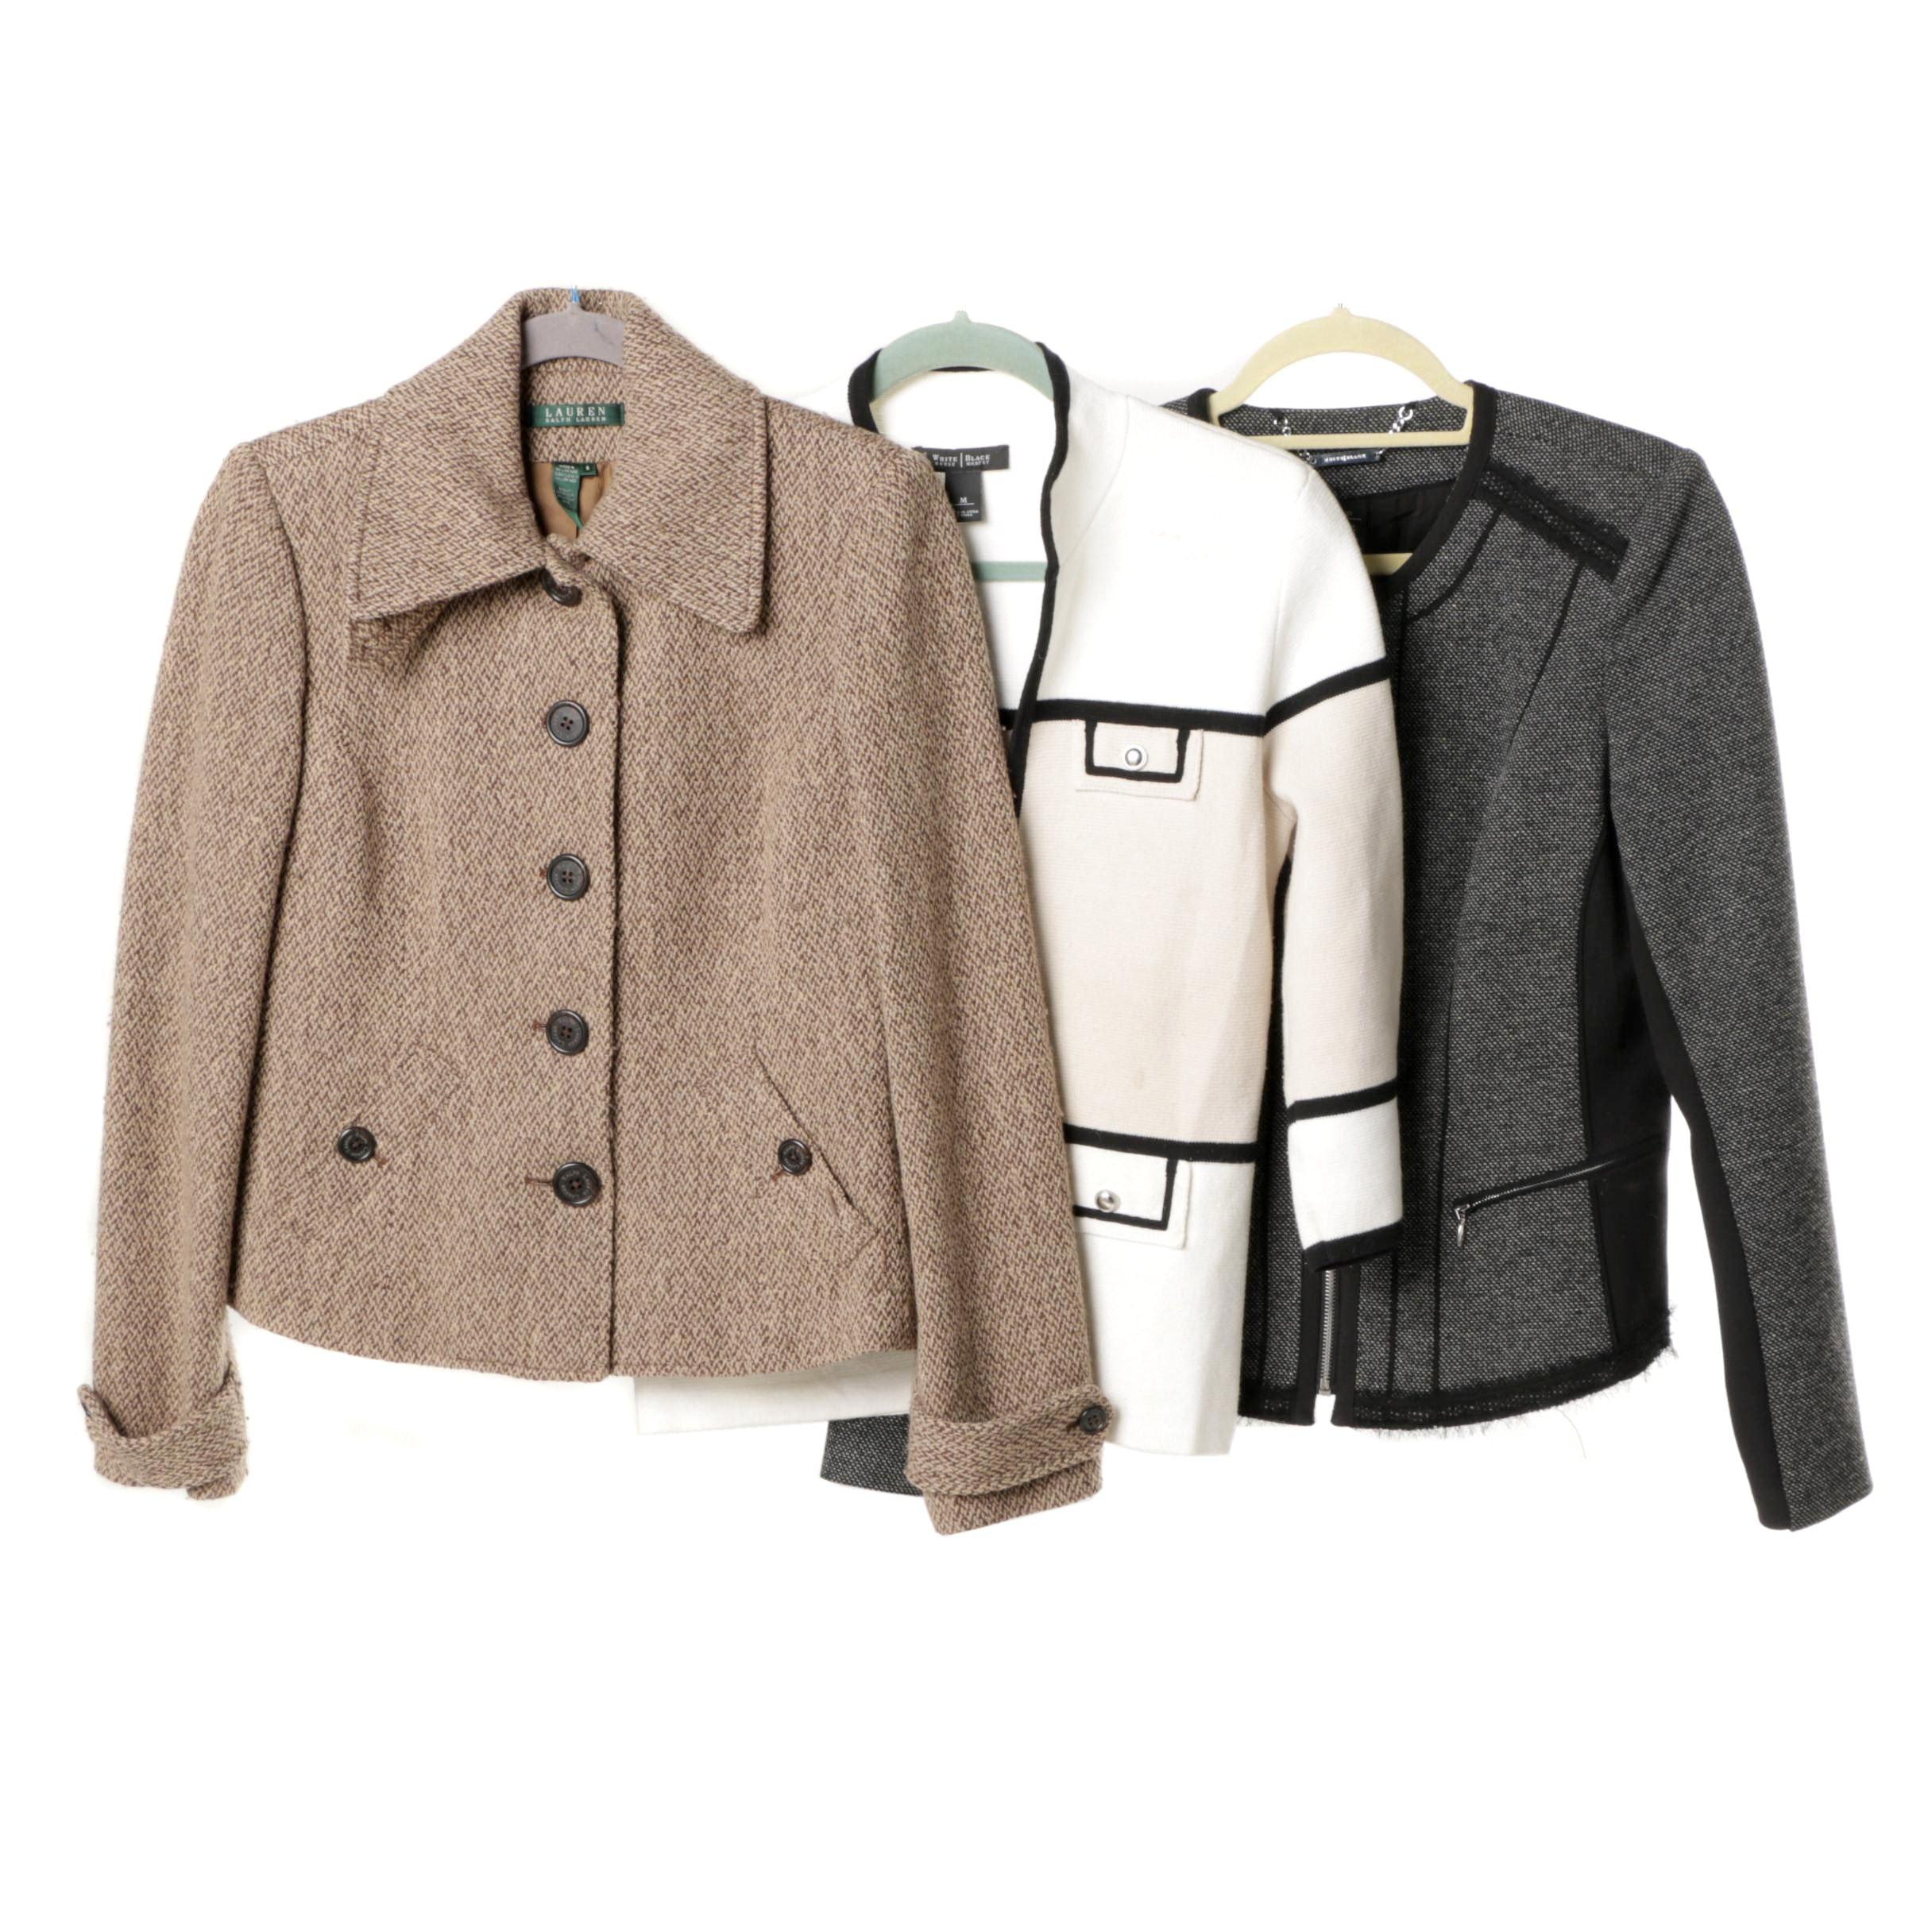 Women's Suit Jackets Including Lauren Ralph Lauren